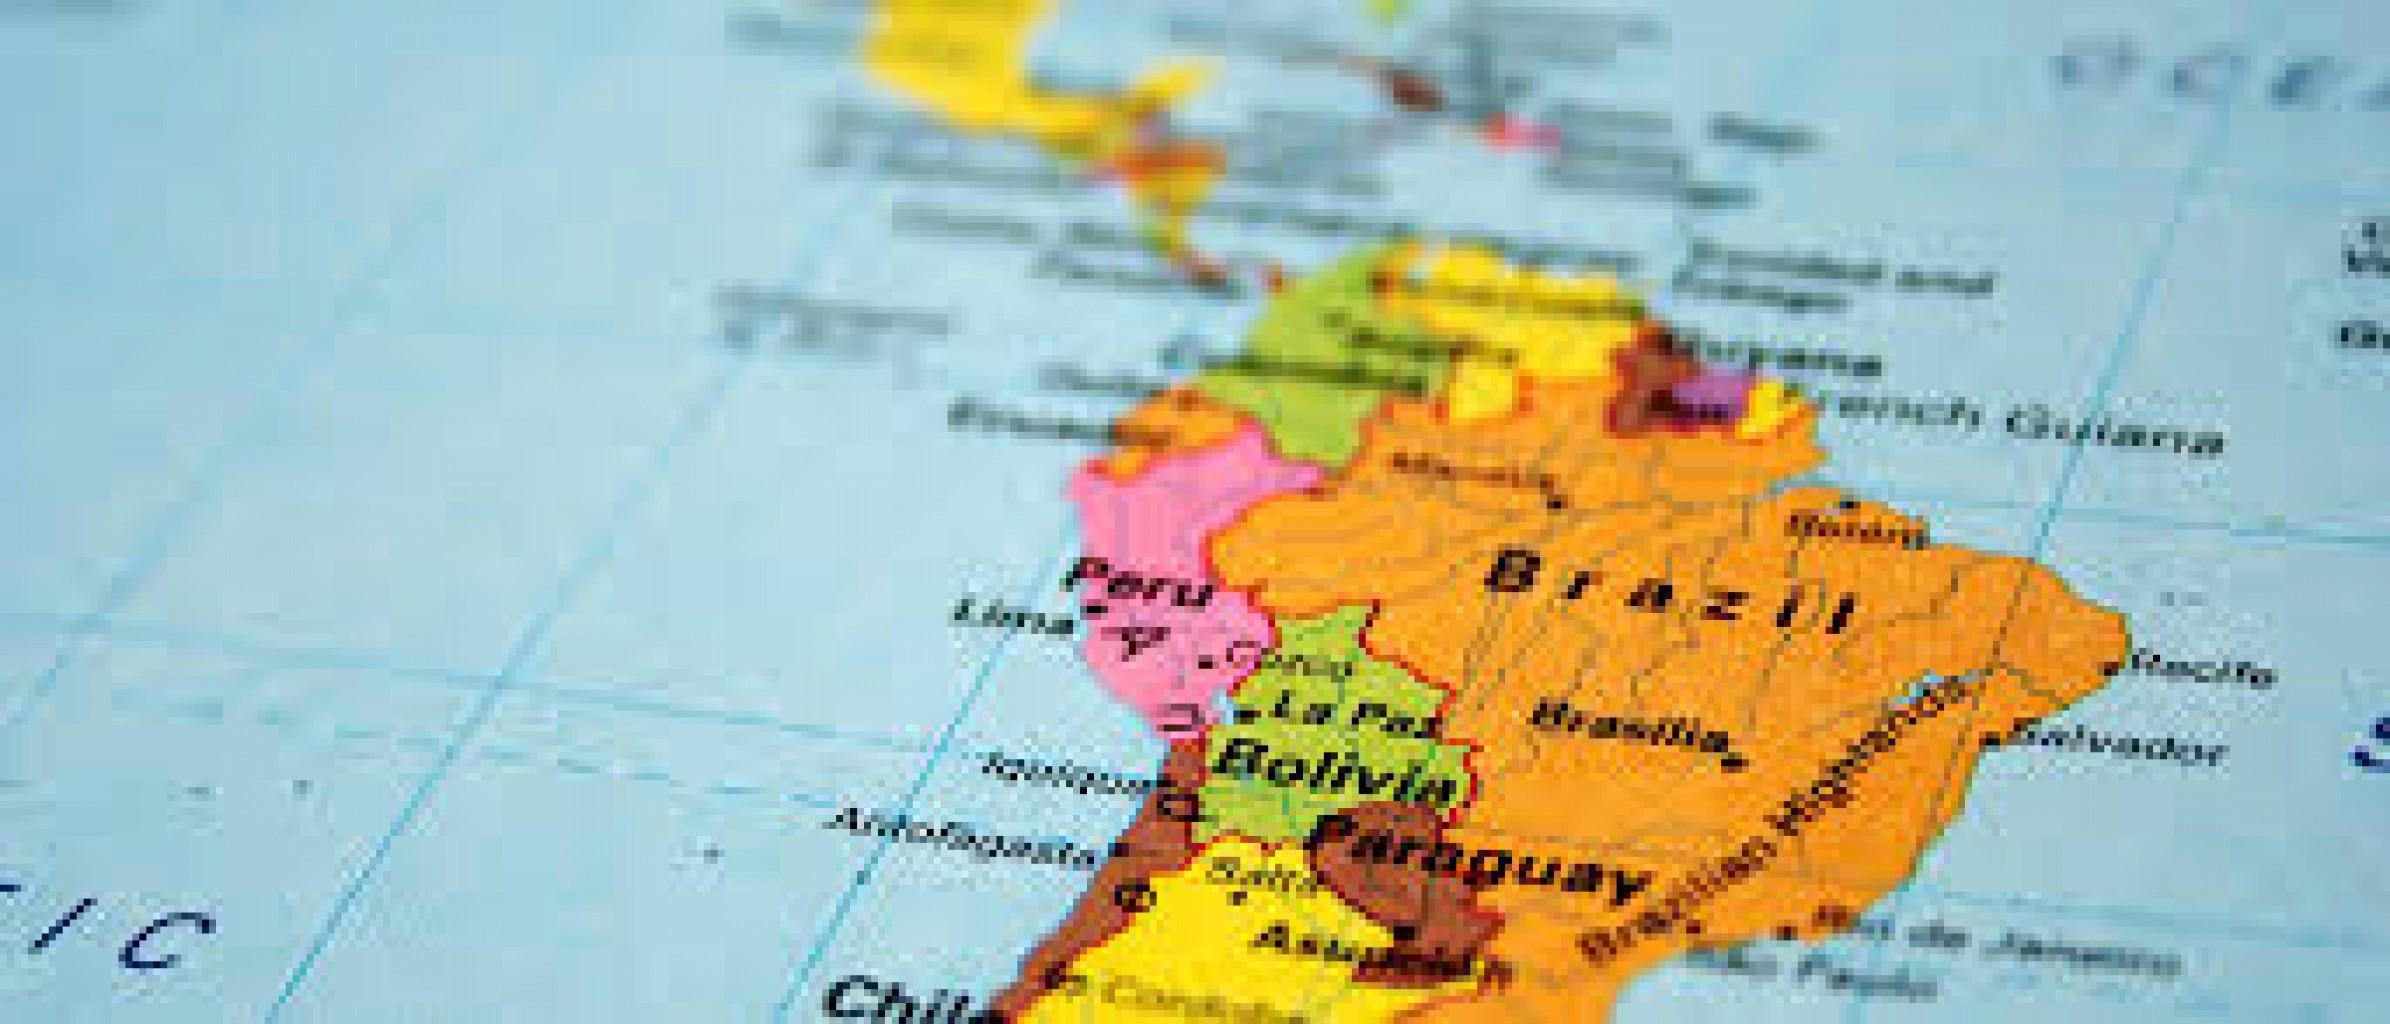 Cinco documentales latinoamericanos y de temática latina en su temporada 33Cinco documentales latinoamericanos y de temática latina en su temporada 33